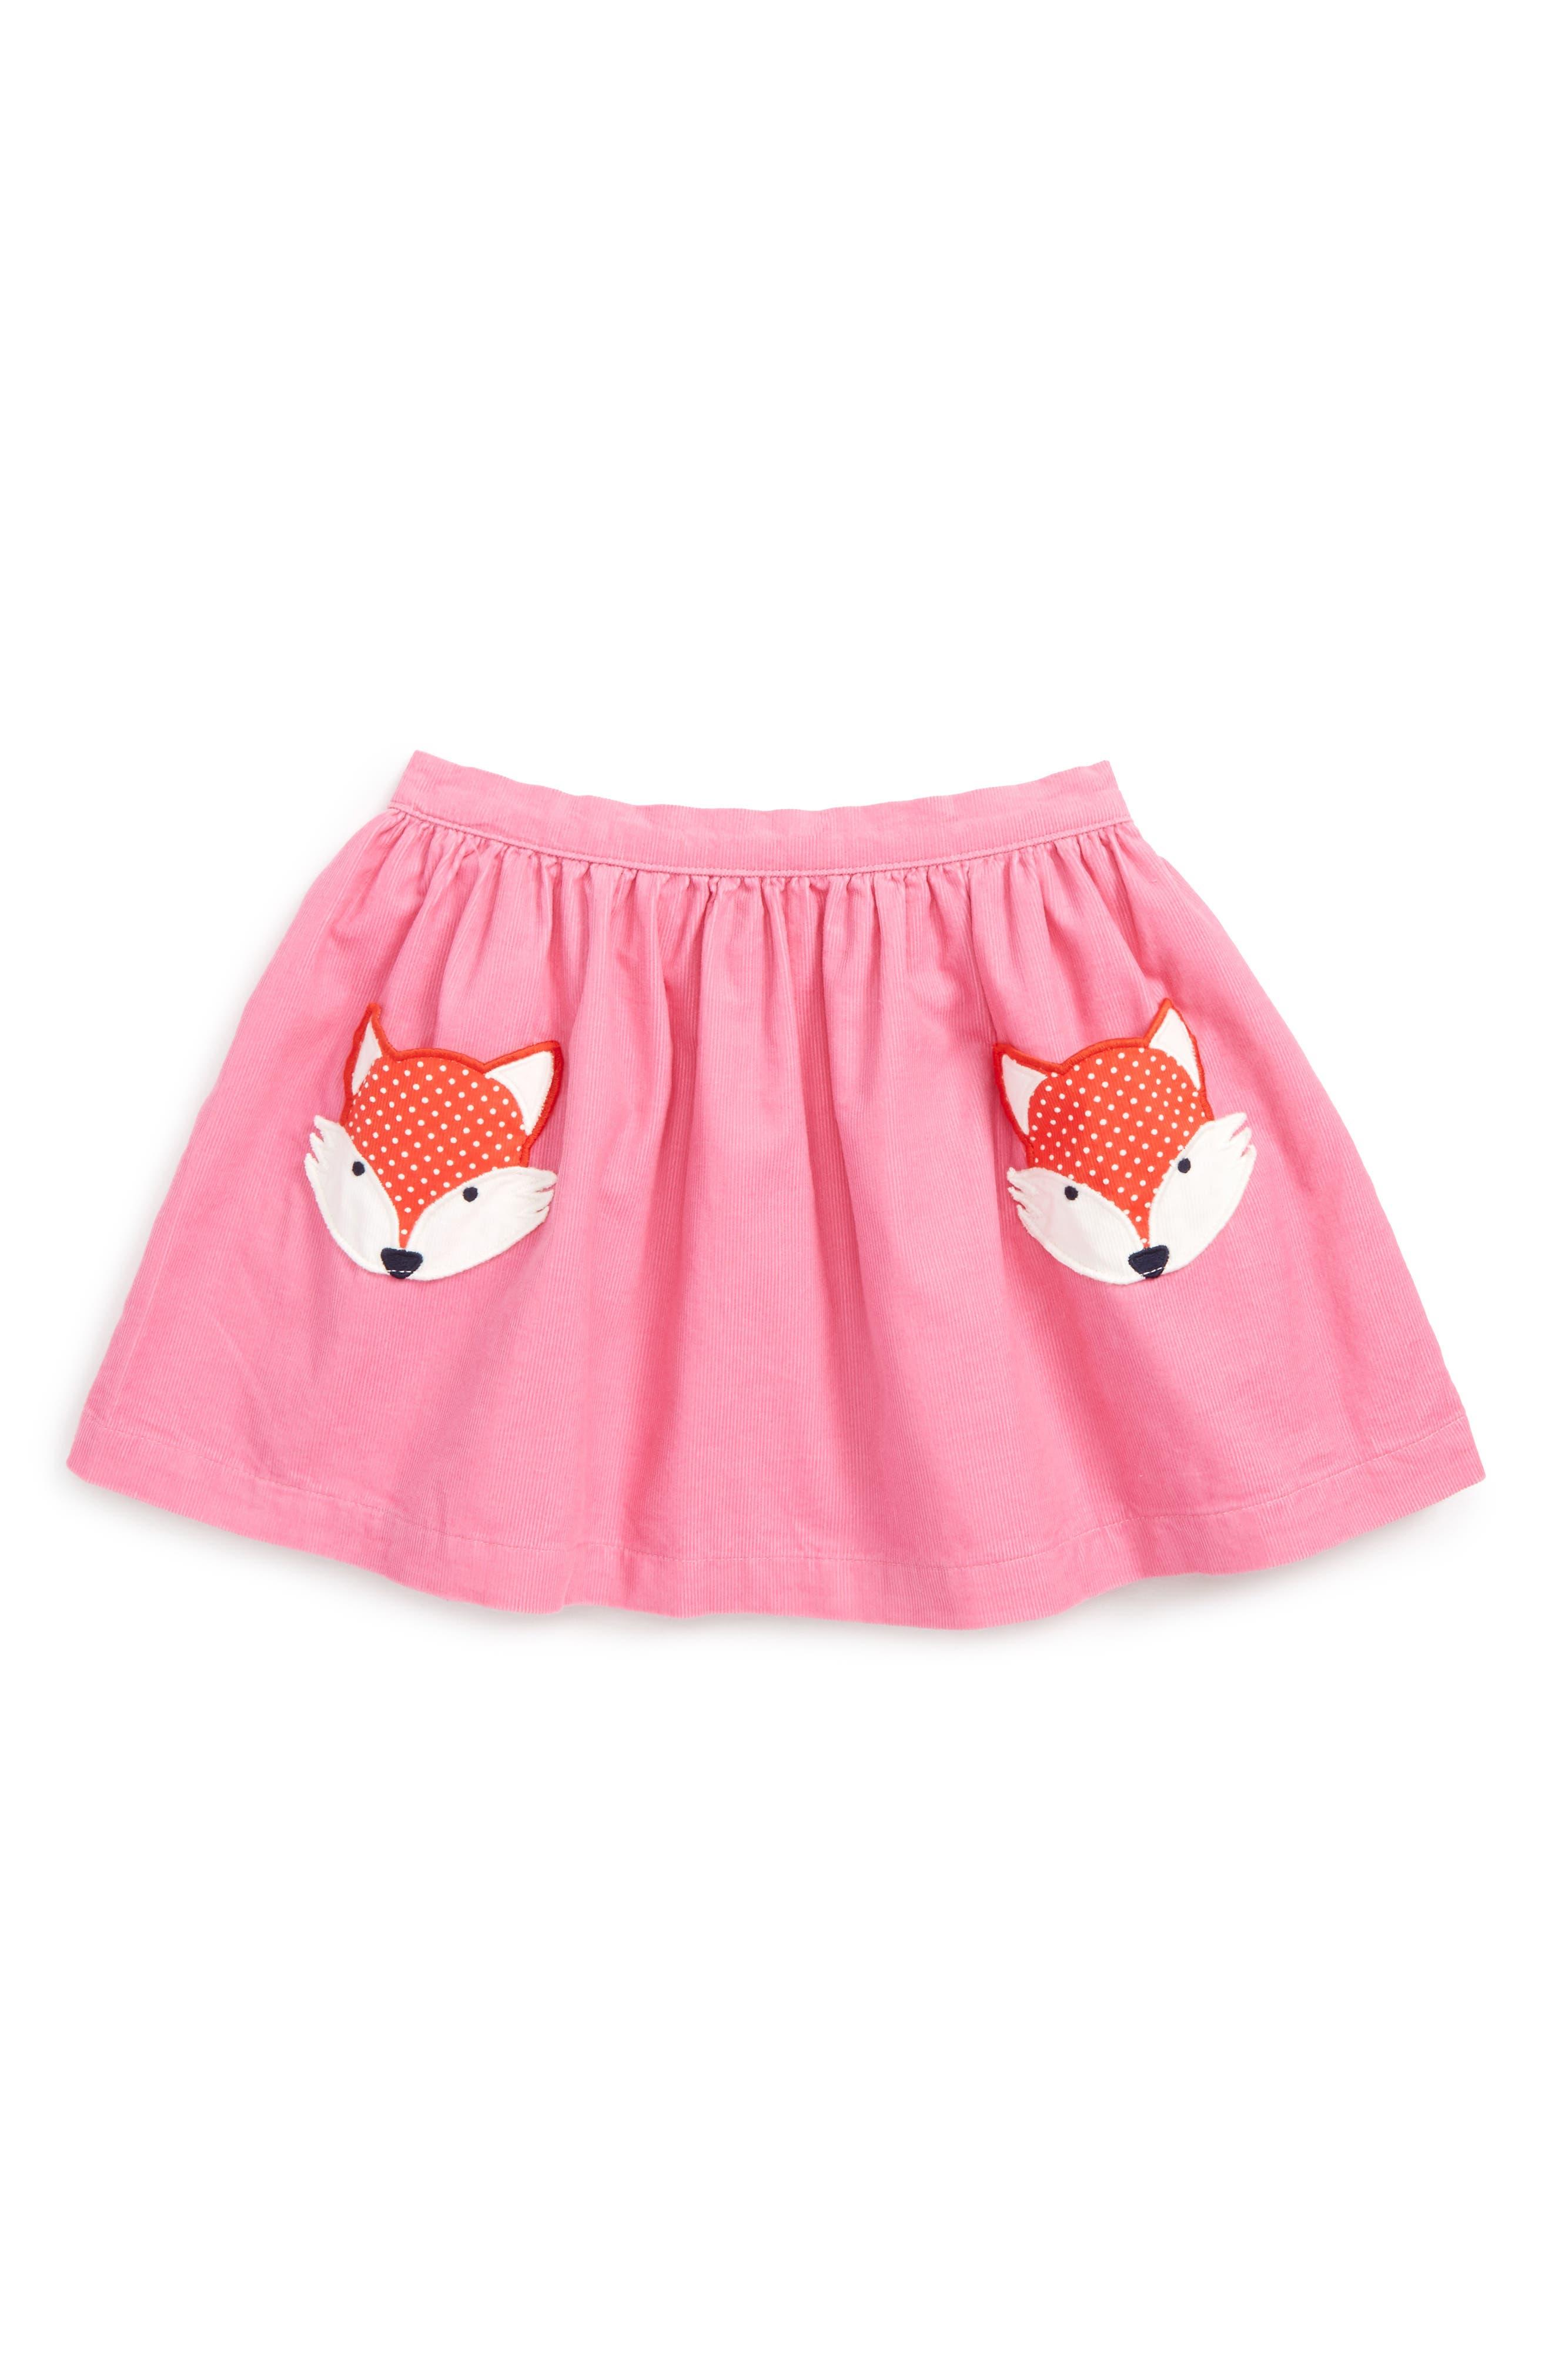 Mini Boden Animal Pocket Corduroy Skirt (Toddler Girls, Little Girls & Big Girls)